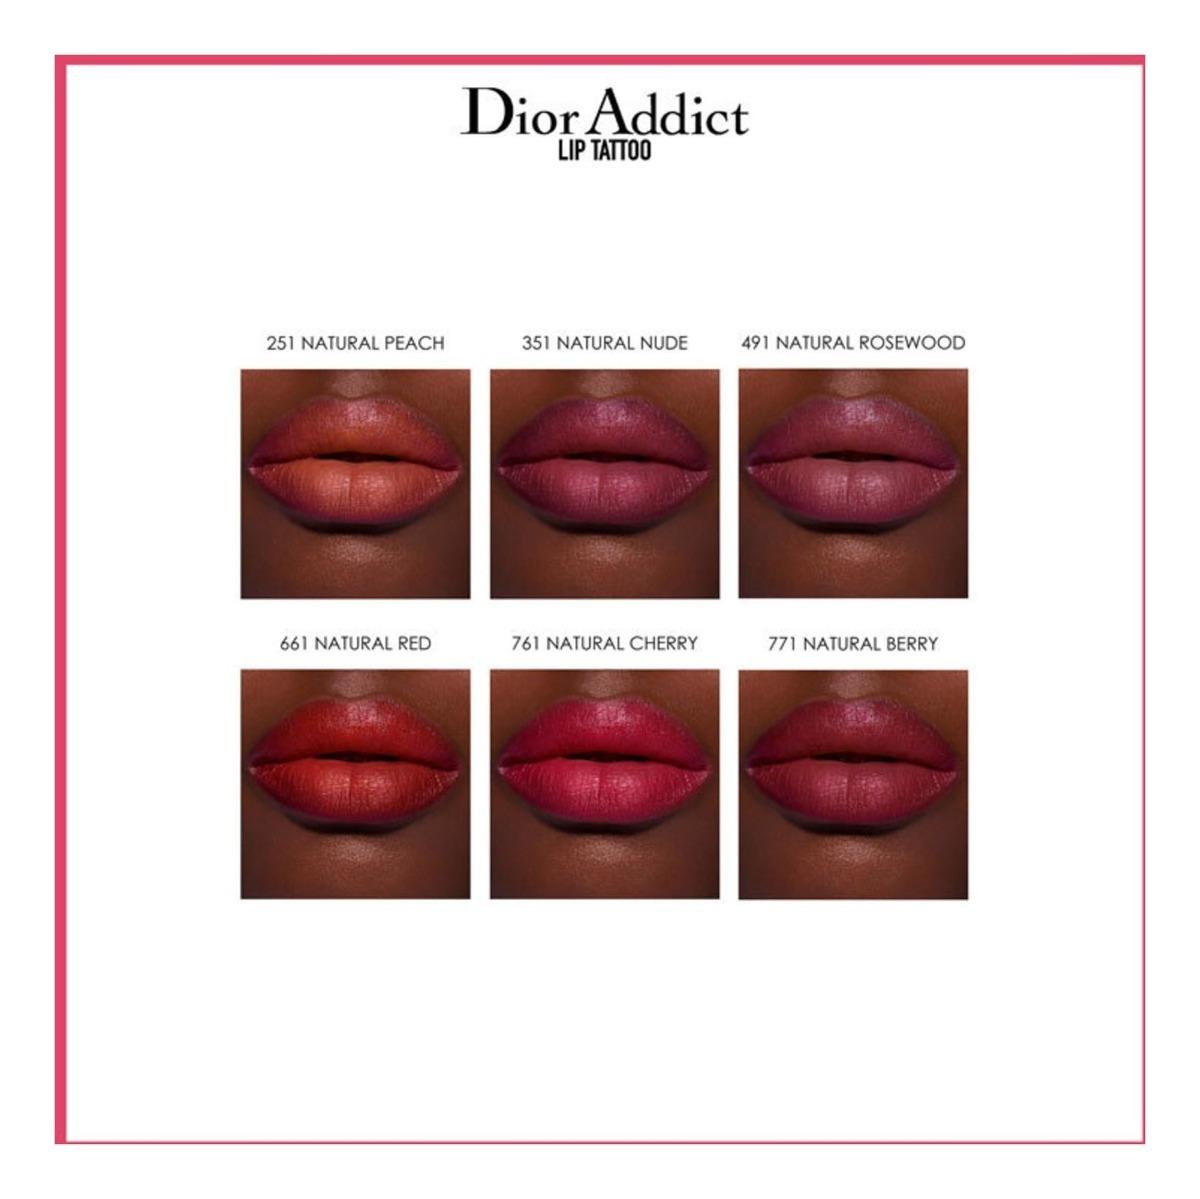 Dior Addict Lip Tattoo 771 Natural Berry Batom Líquido 6ml